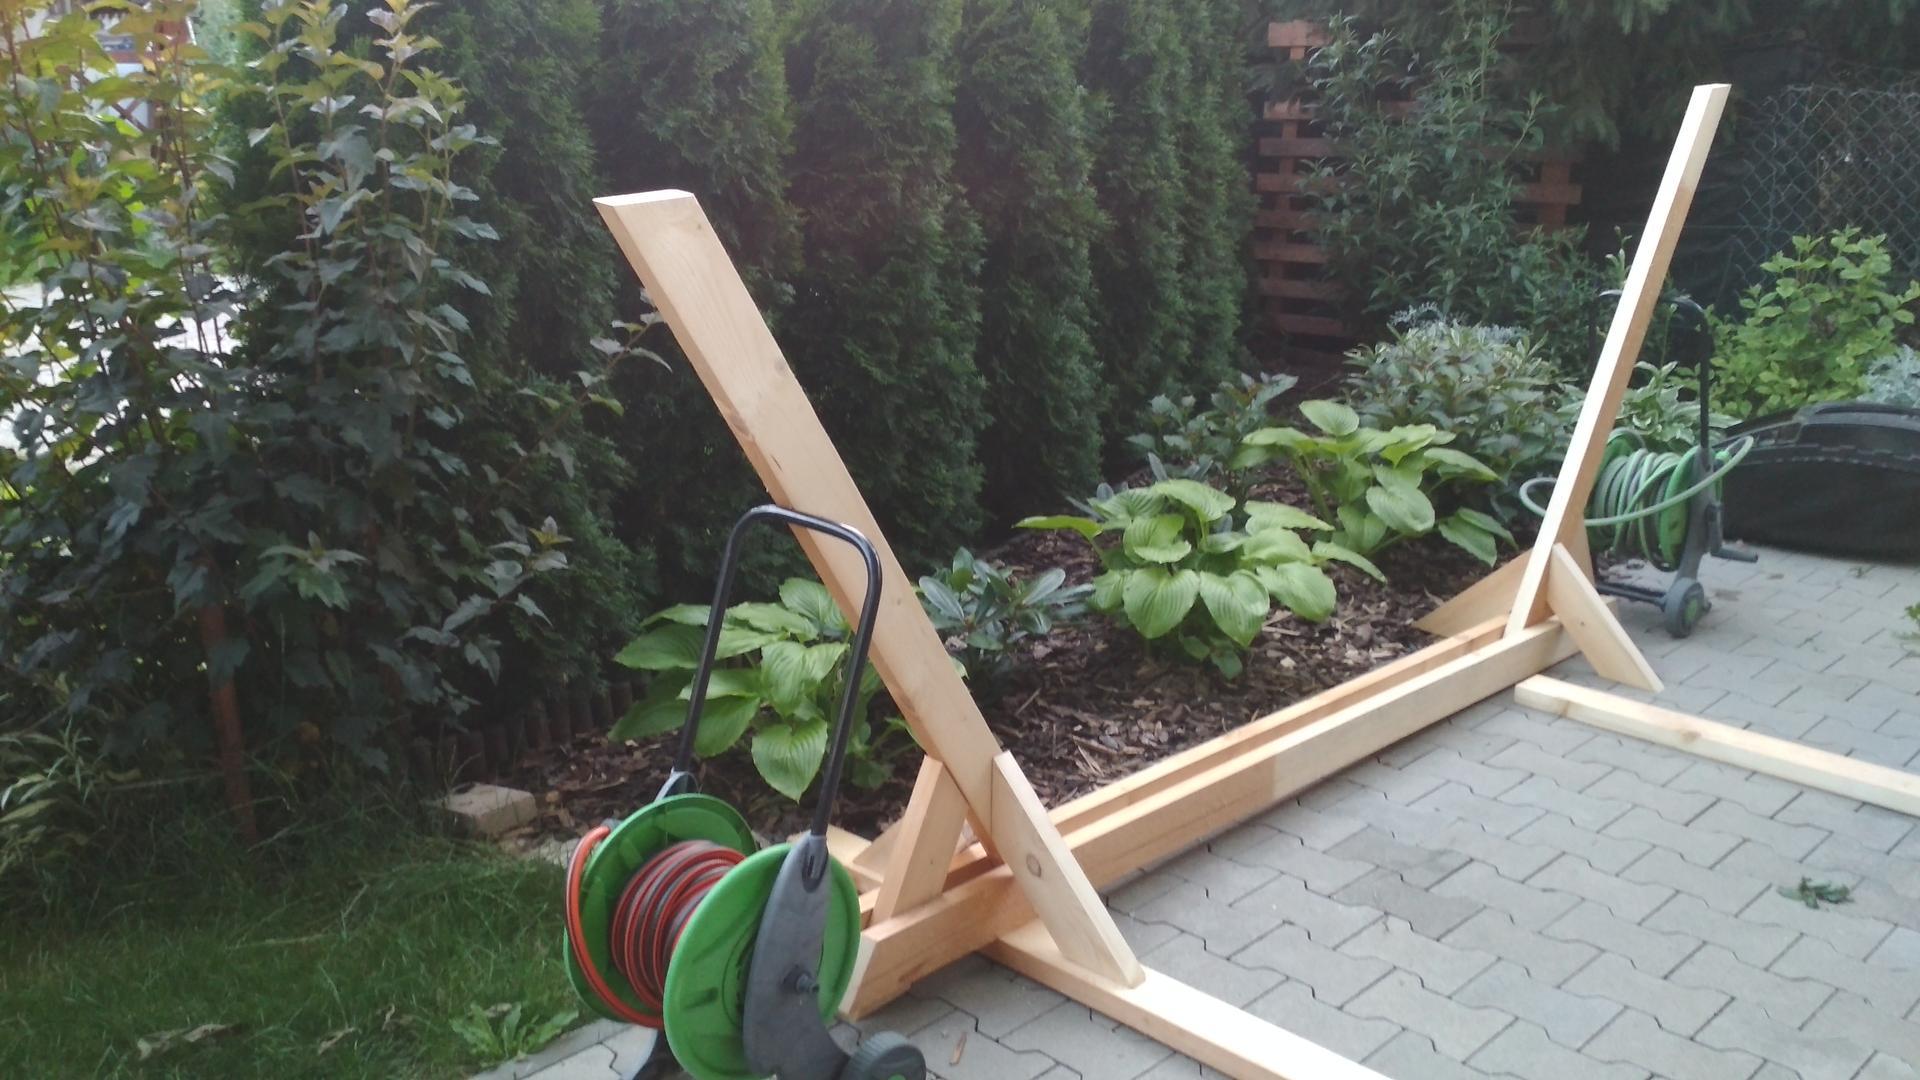 Drevený stojan na hojdaciu sieť... relax v záhrade - Obrázok č. 10